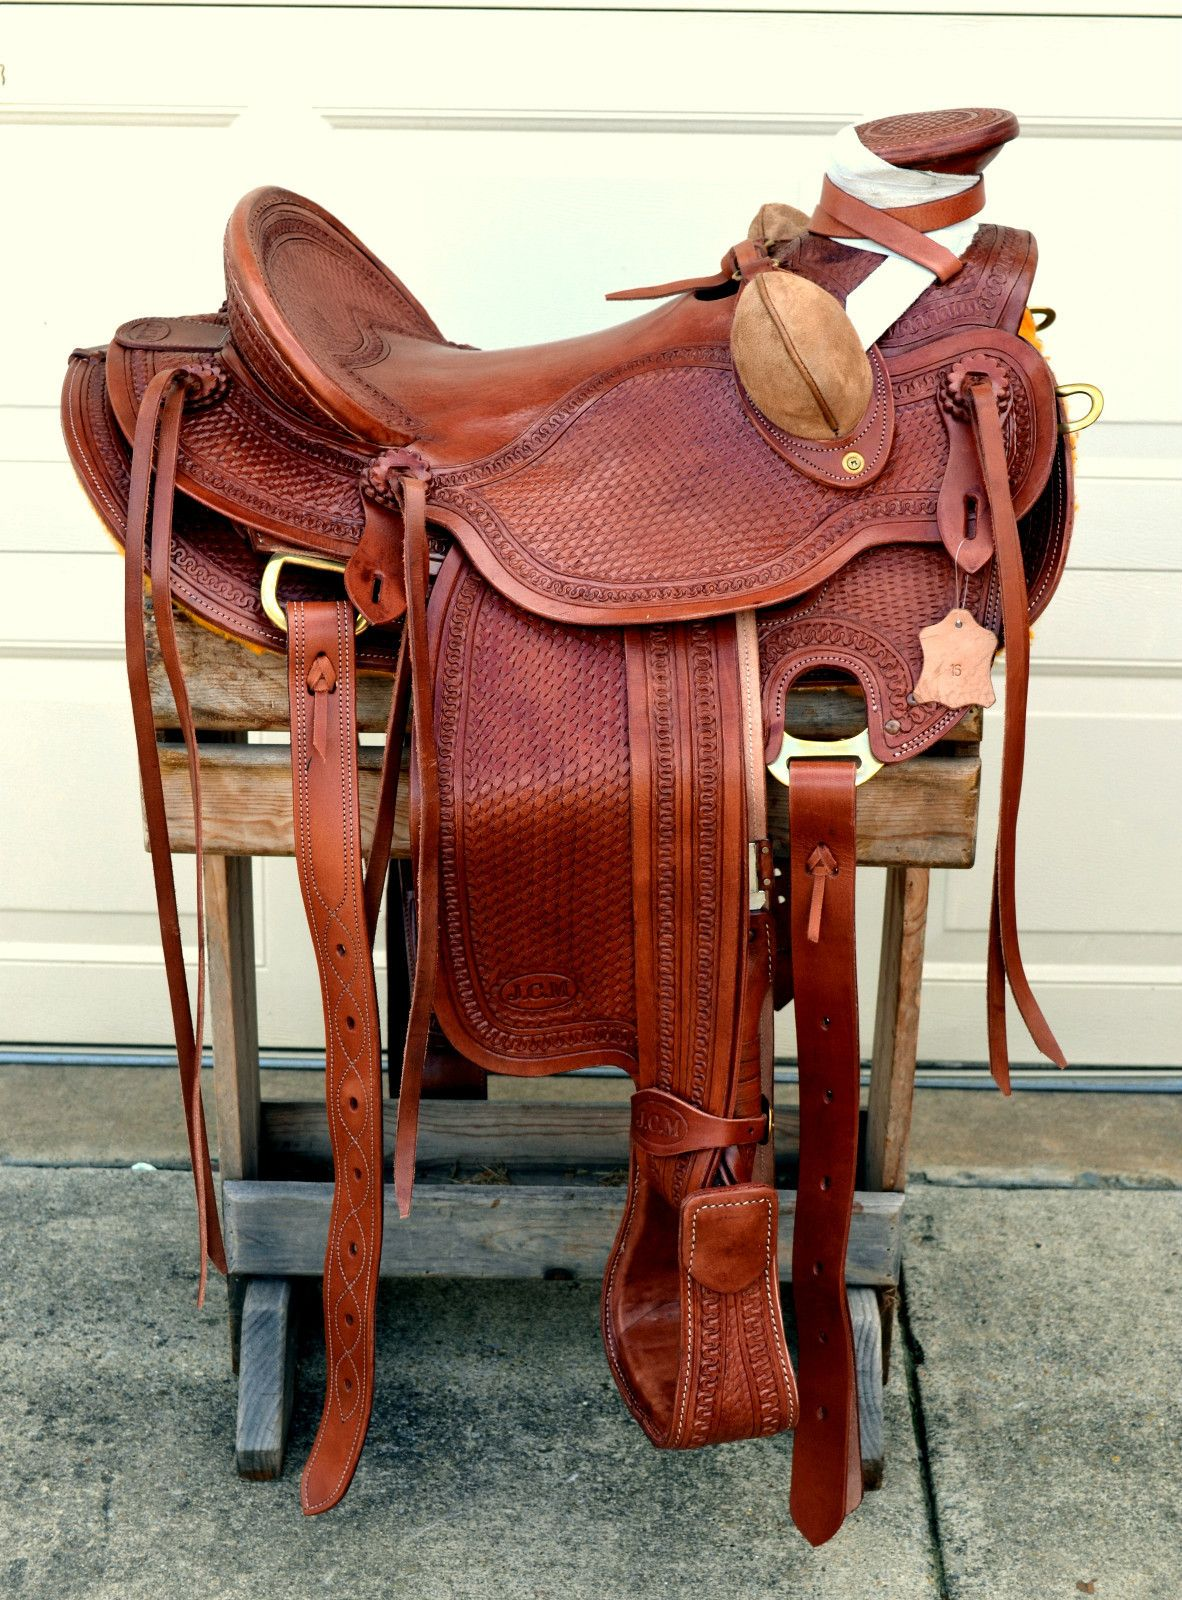 16 Western Buckaroo Roping Ranch Trail Wade A Fork Saddle No